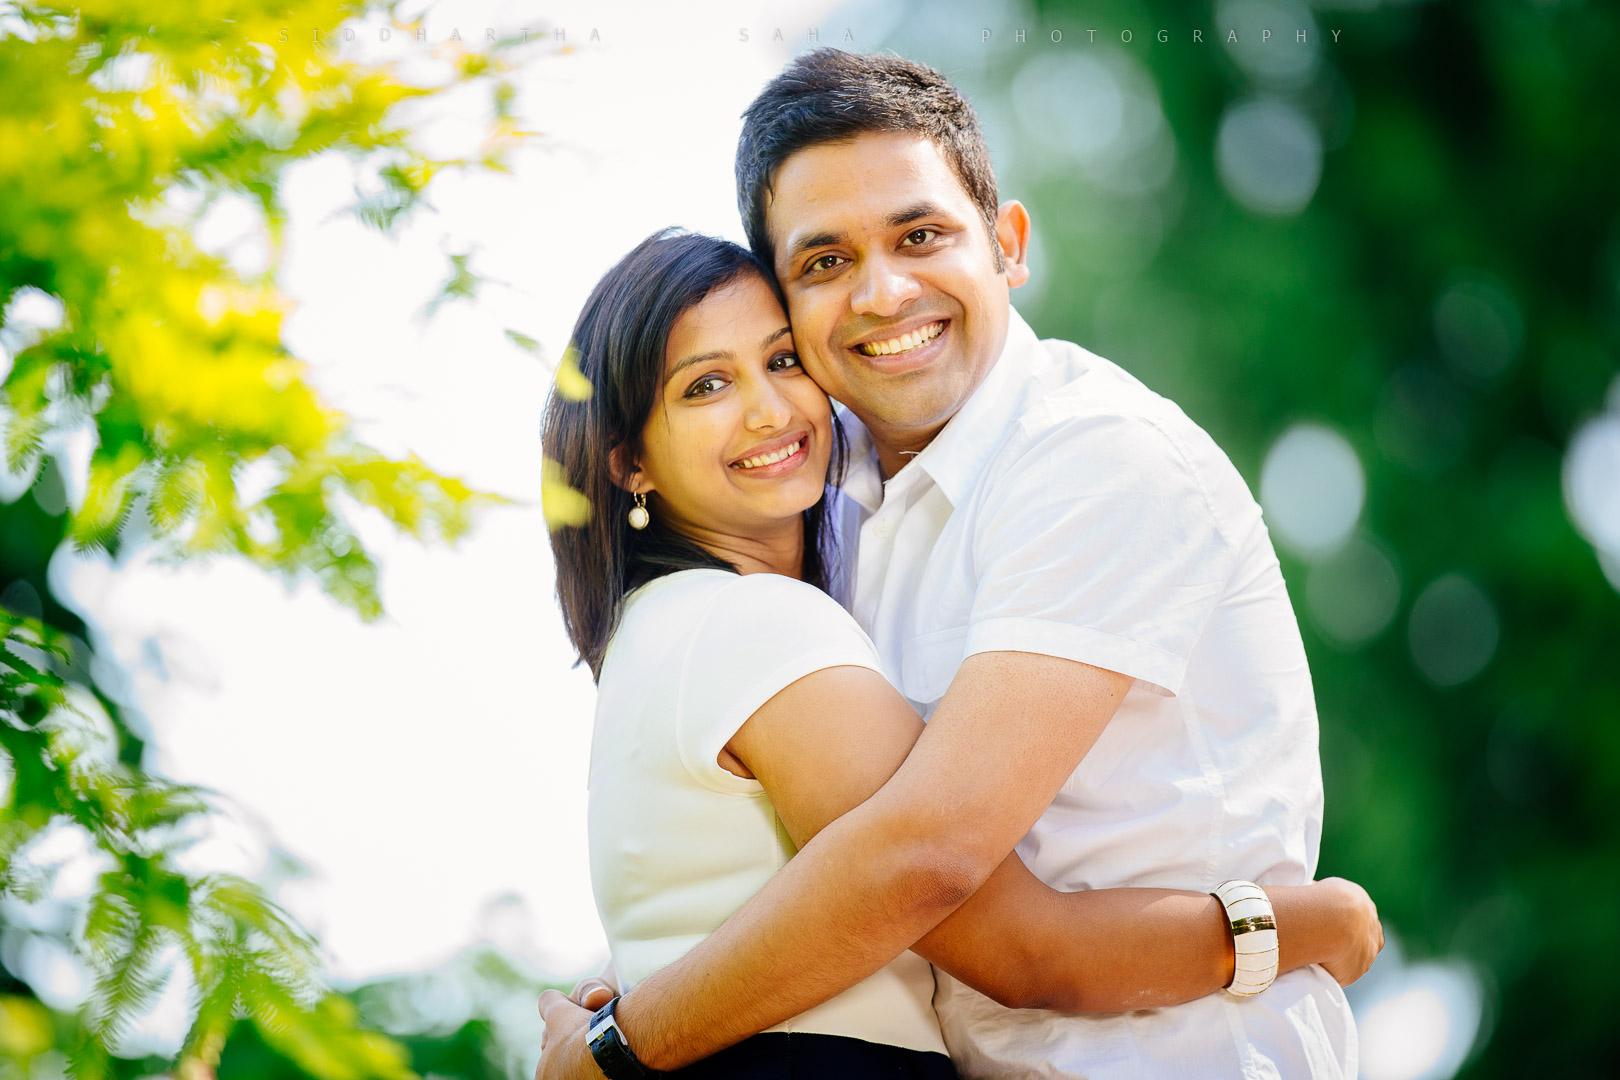 2015-06-14 - Ranjani Naveen Vihaan Photoshoot - _05Y6409